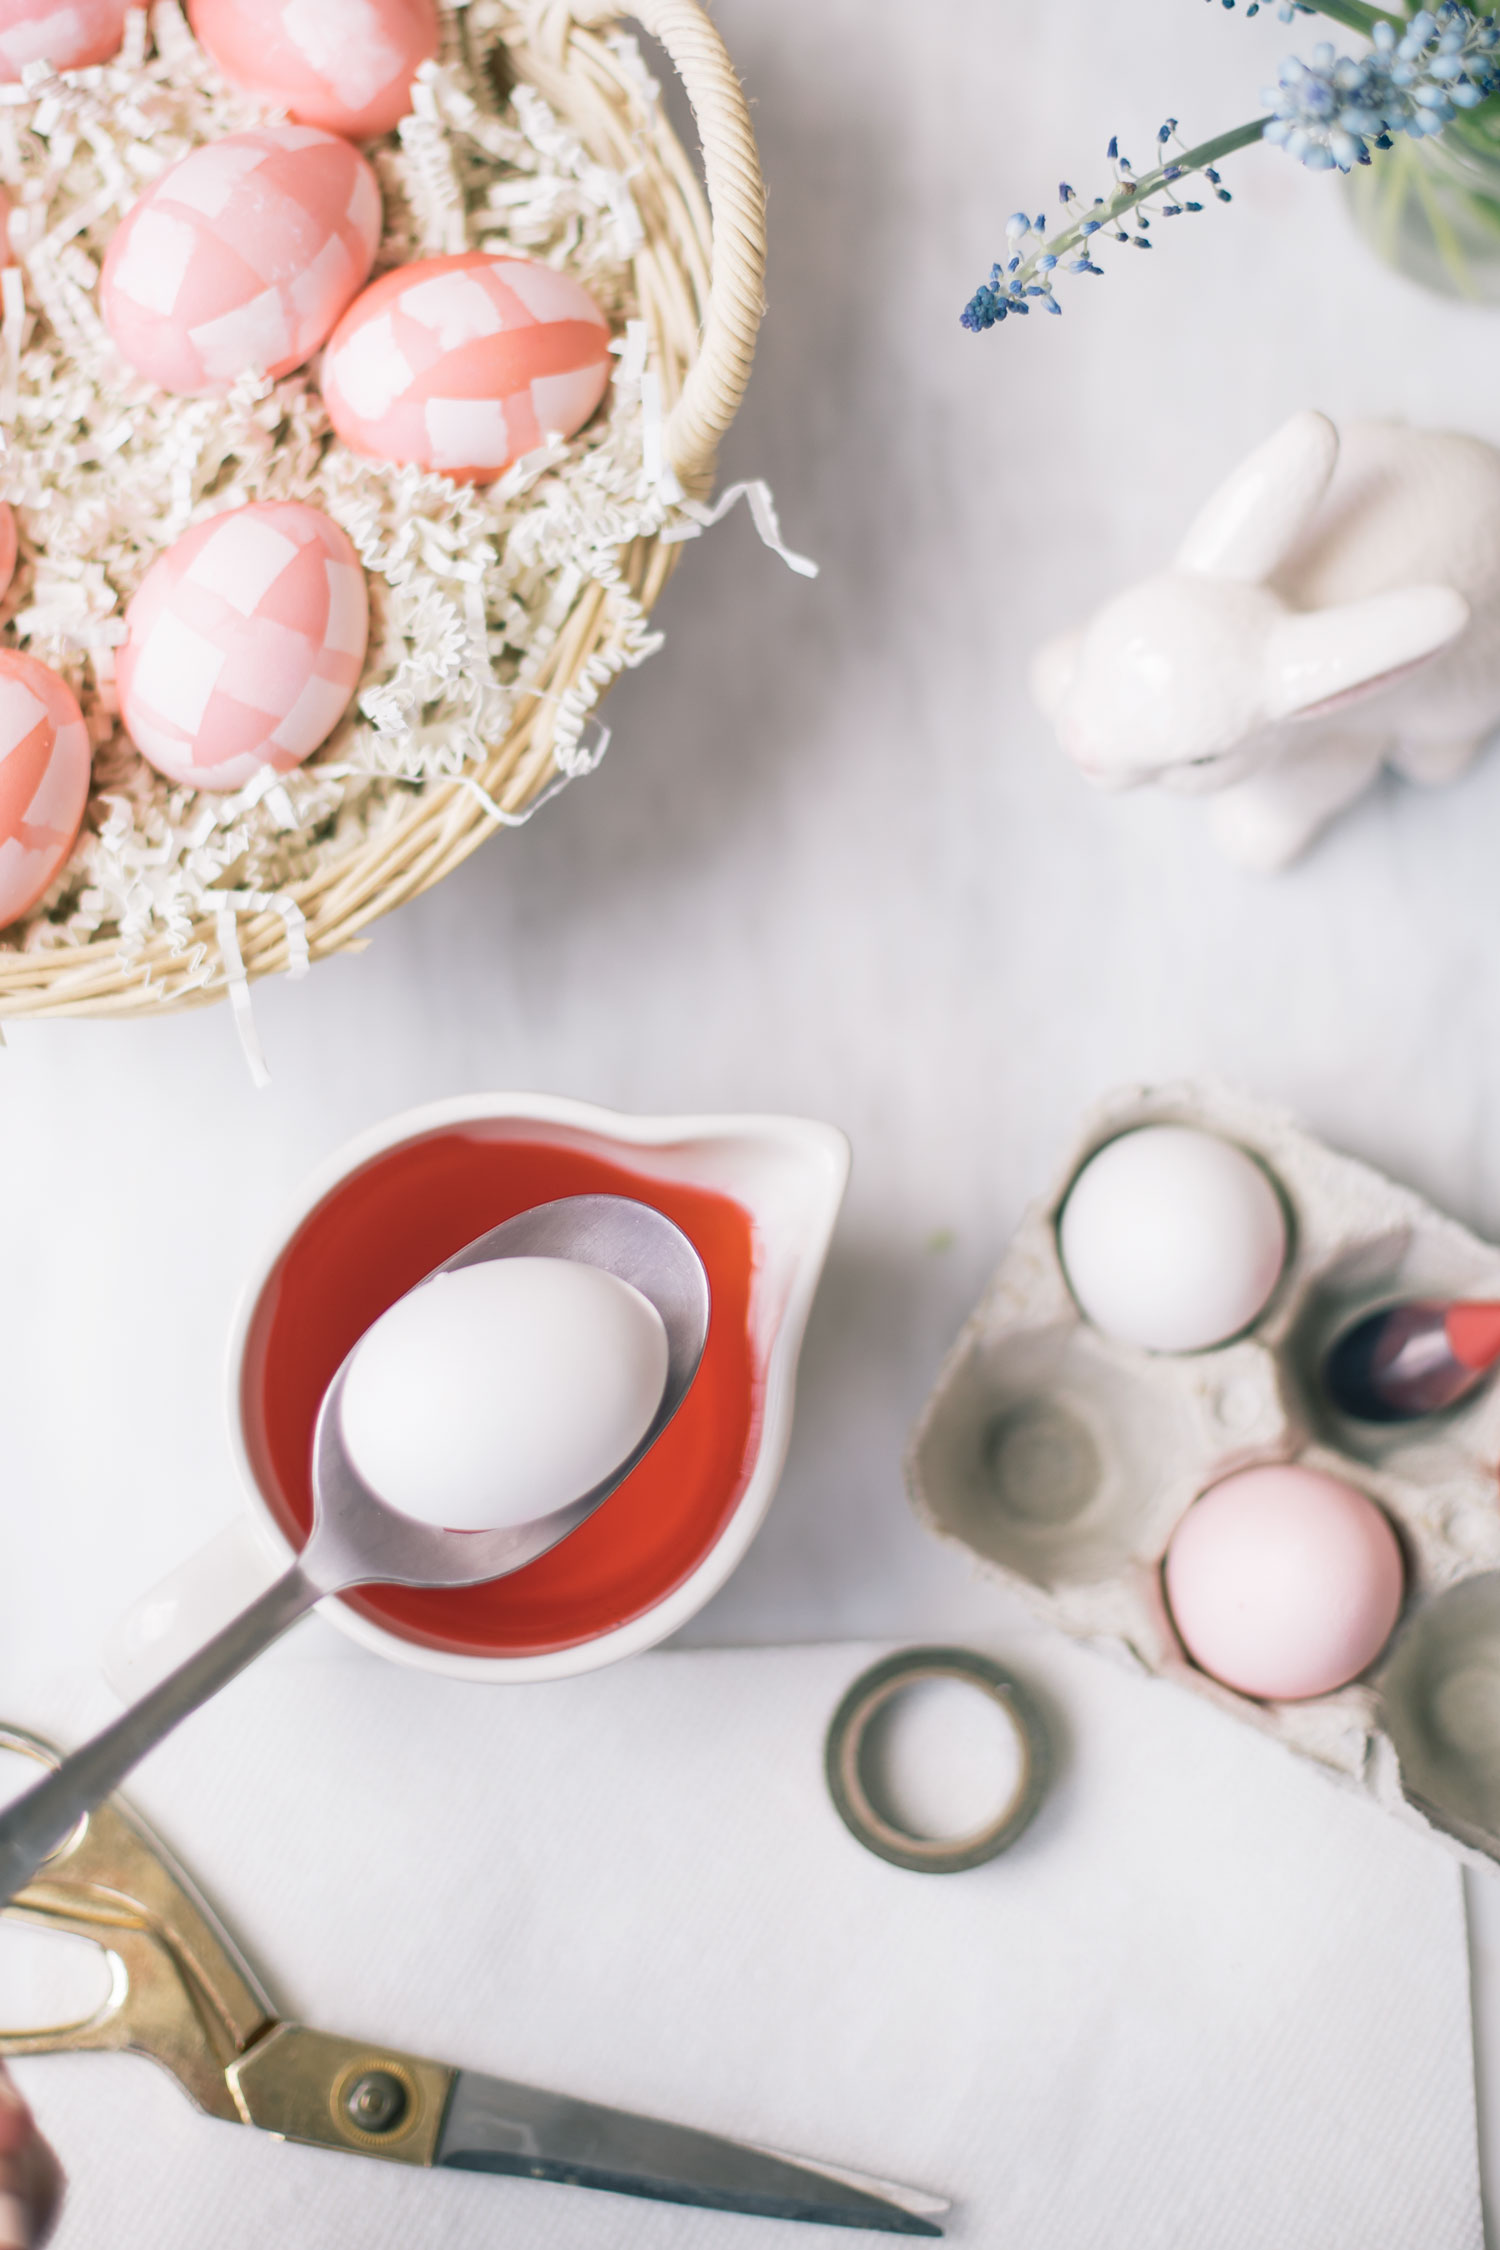 huevos de pascua decorados originales con tutoriales paso a paso, cómo pintar huevos atractivos para Pascua